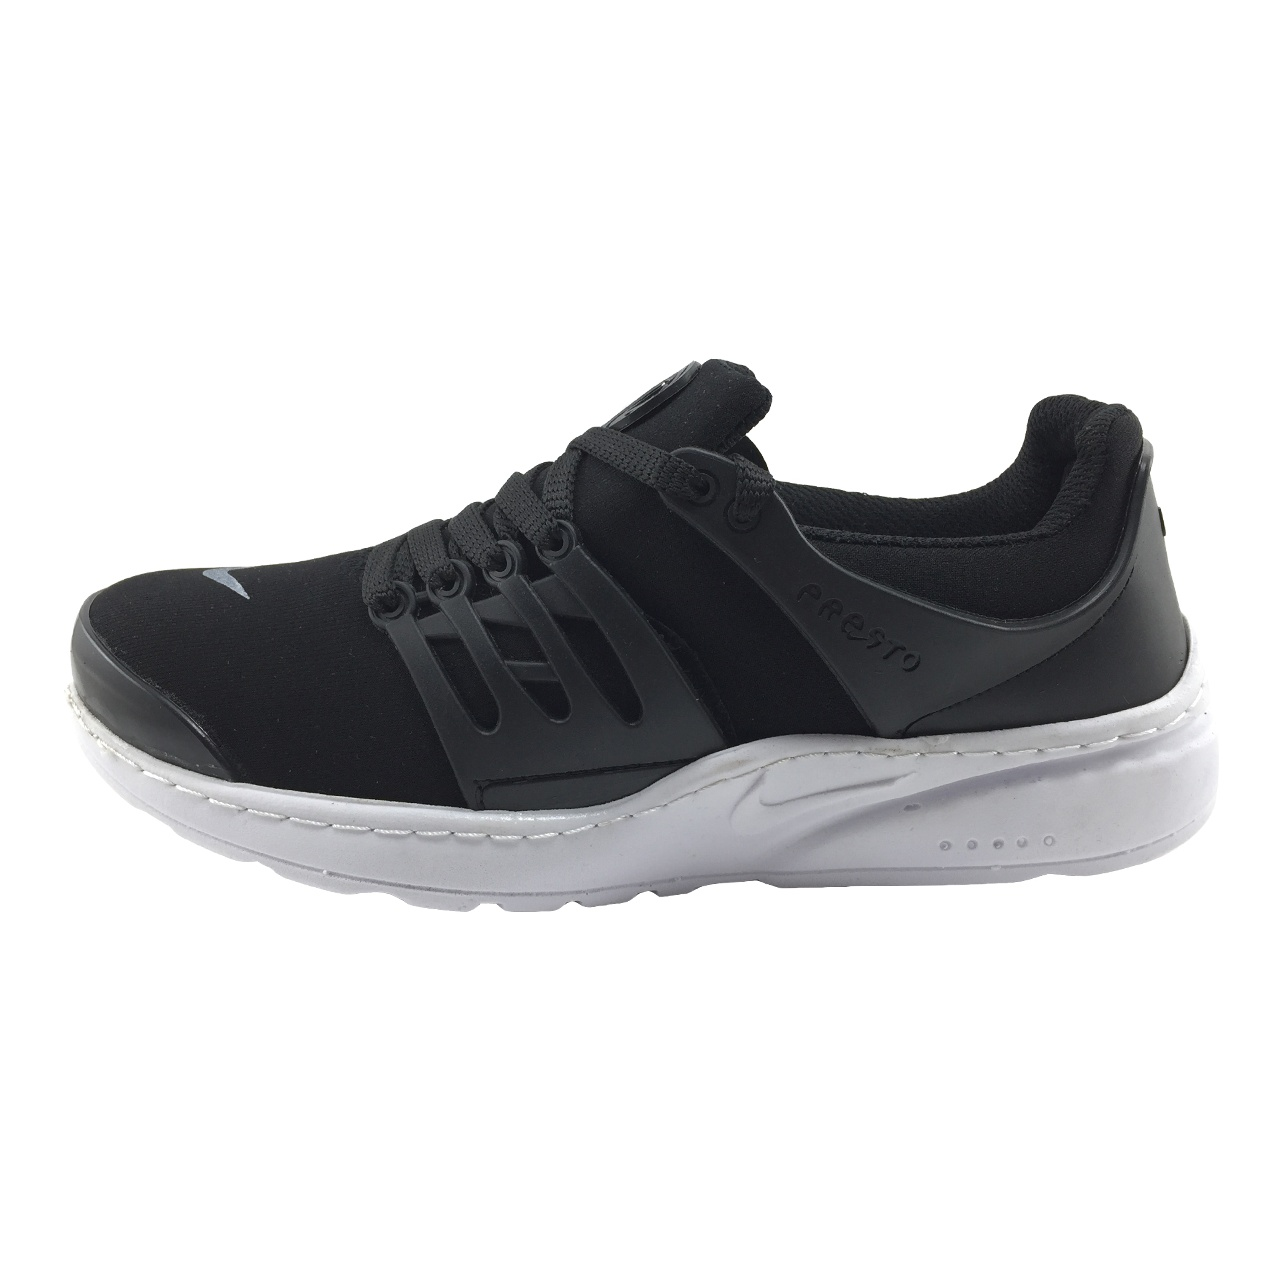 کفش مخصوص پیاده روی زنانه مدل B149 رنگ مشکی